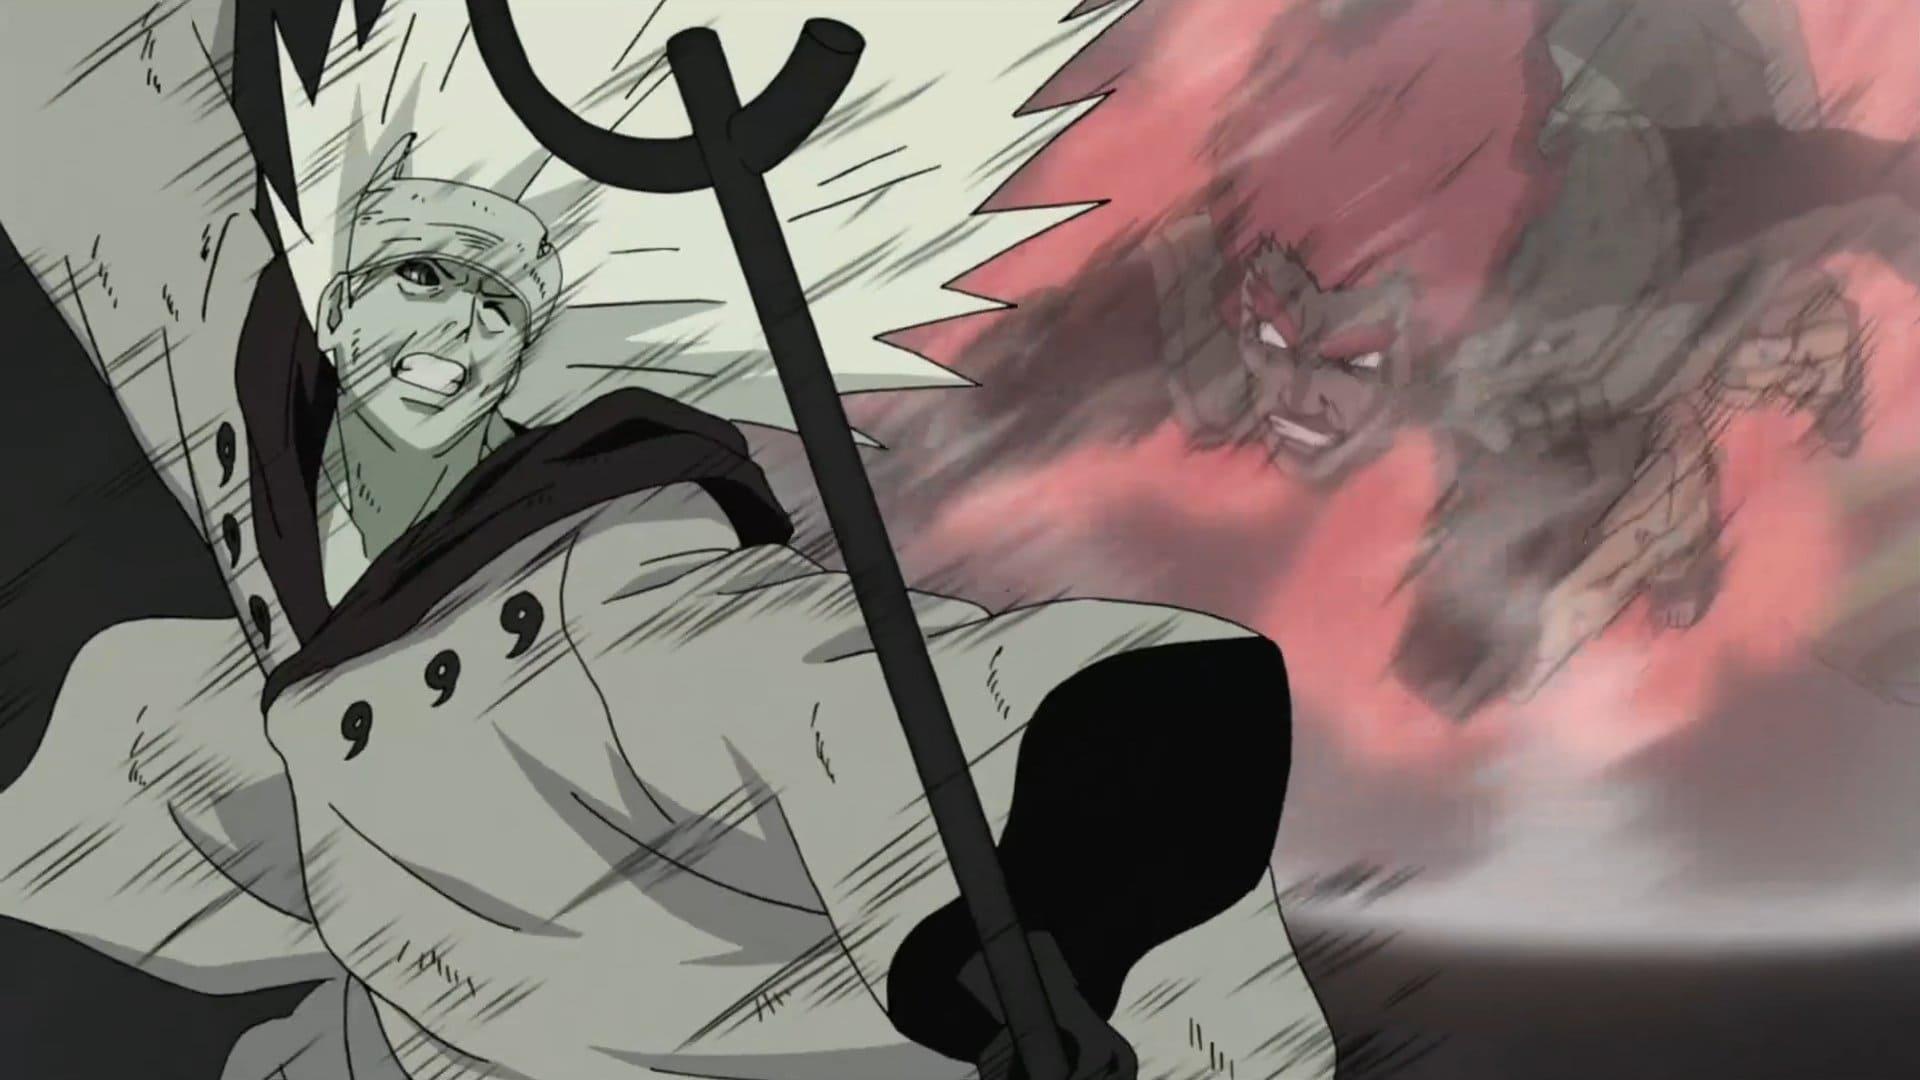 10 Pertarungan Terbaik di Anime Naruto Sepanjang Masa 5